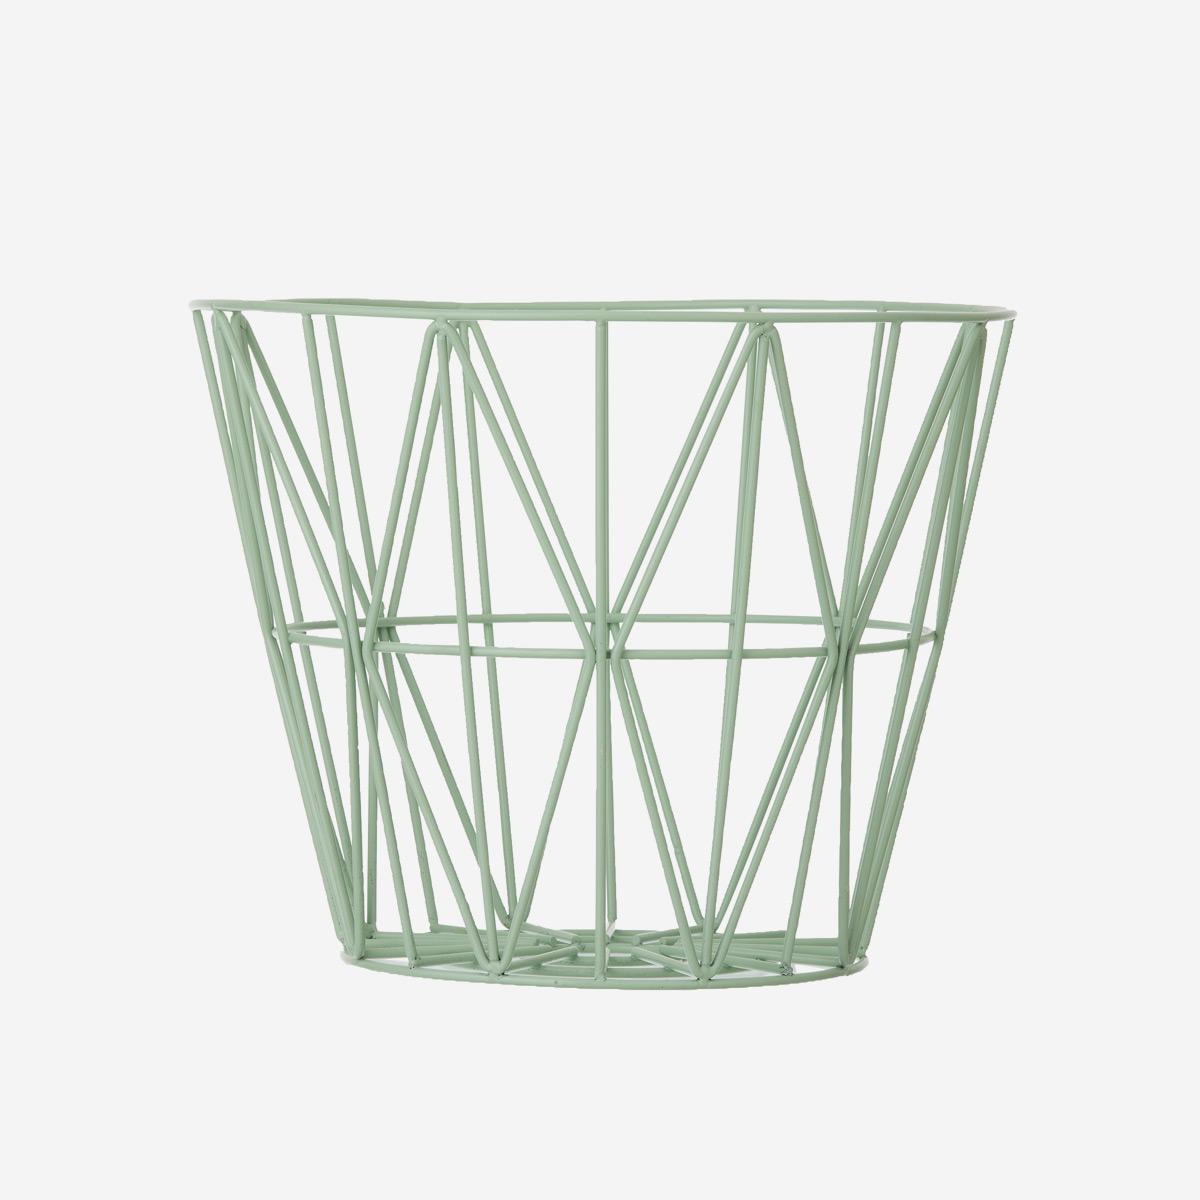 rikiki grafik produkt wire basket large mint. Black Bedroom Furniture Sets. Home Design Ideas